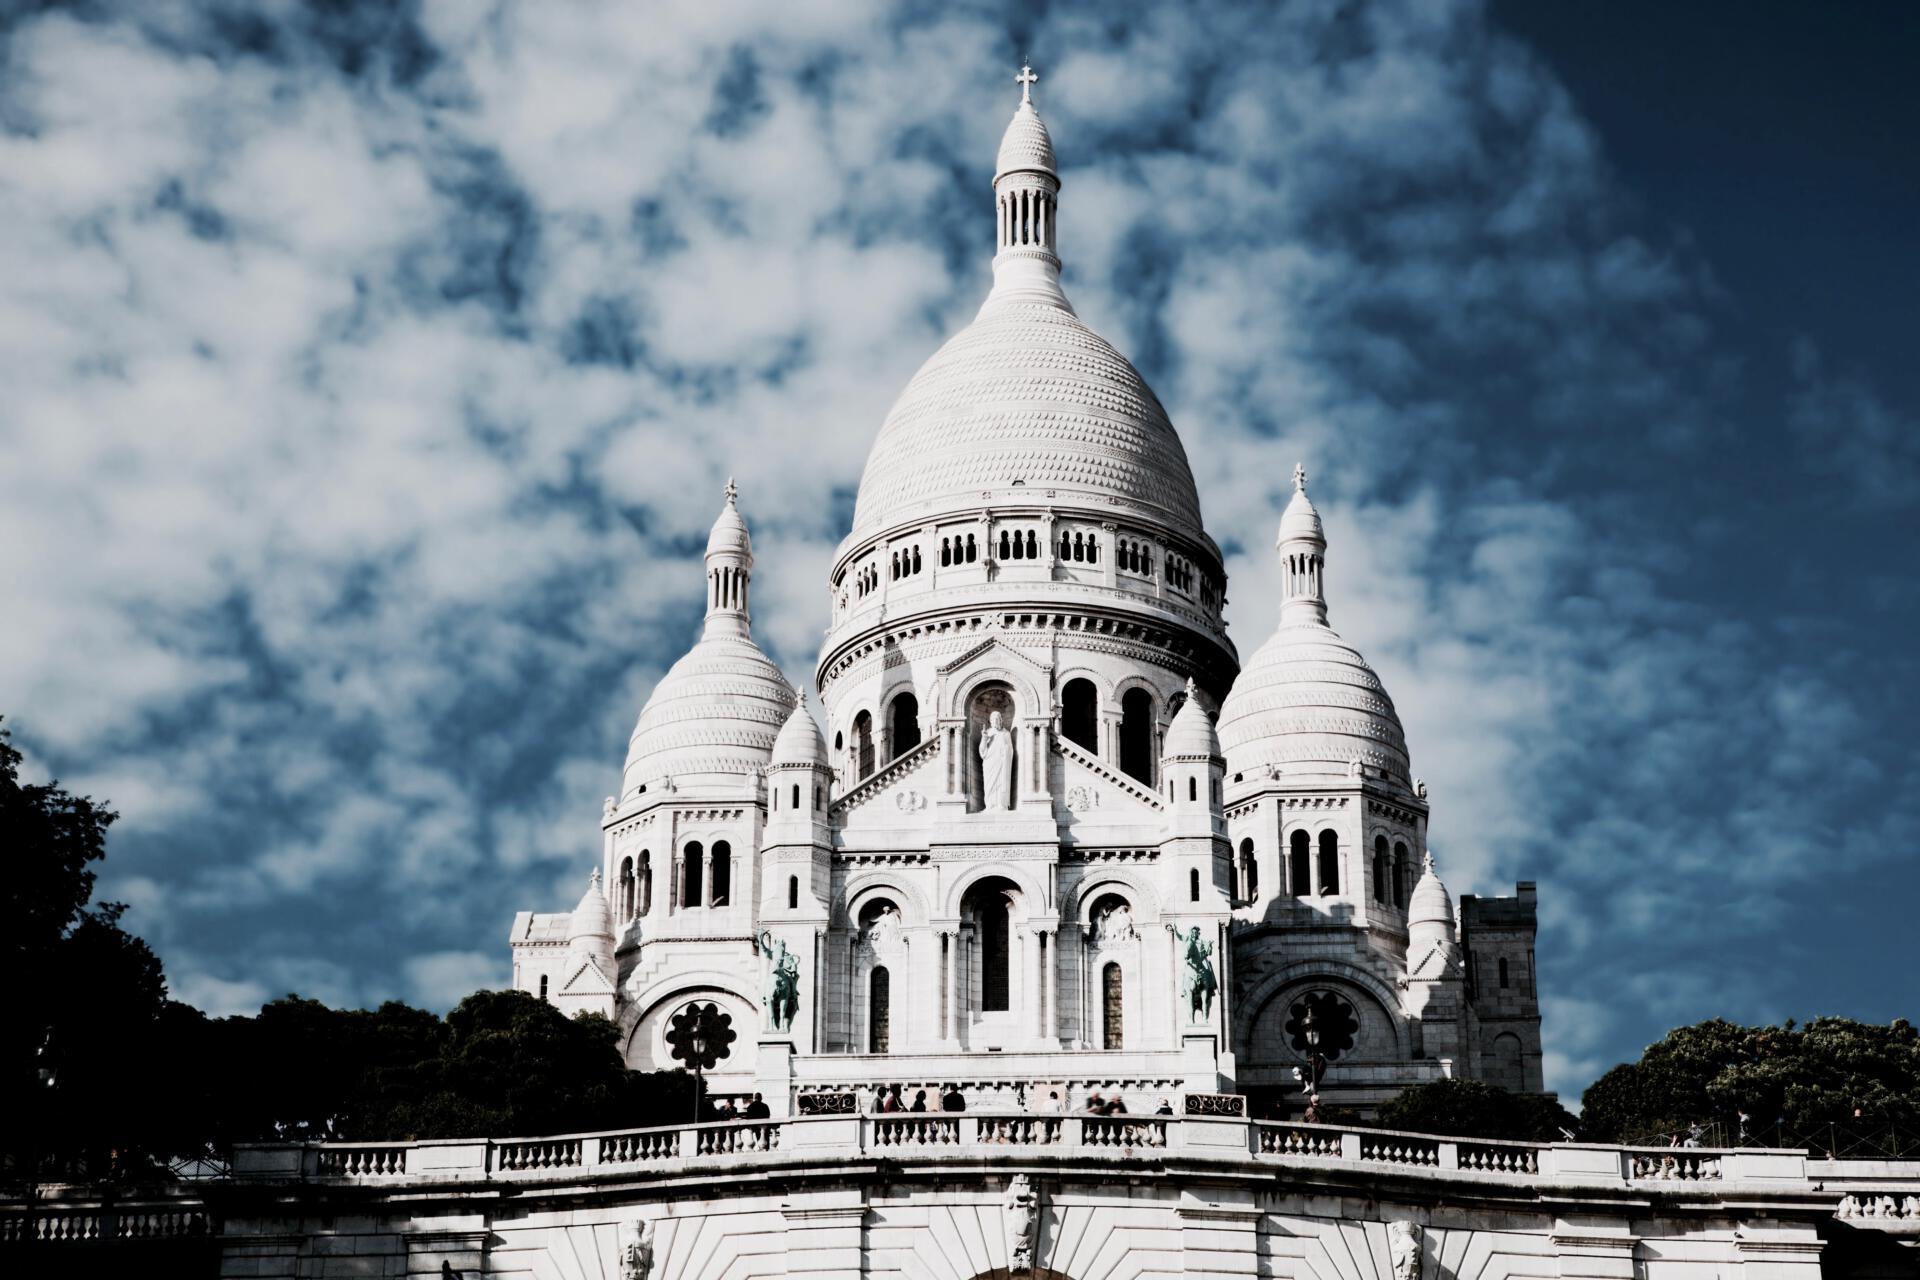 Sacre-Coeur Basilica on Montmartre, Paris, France